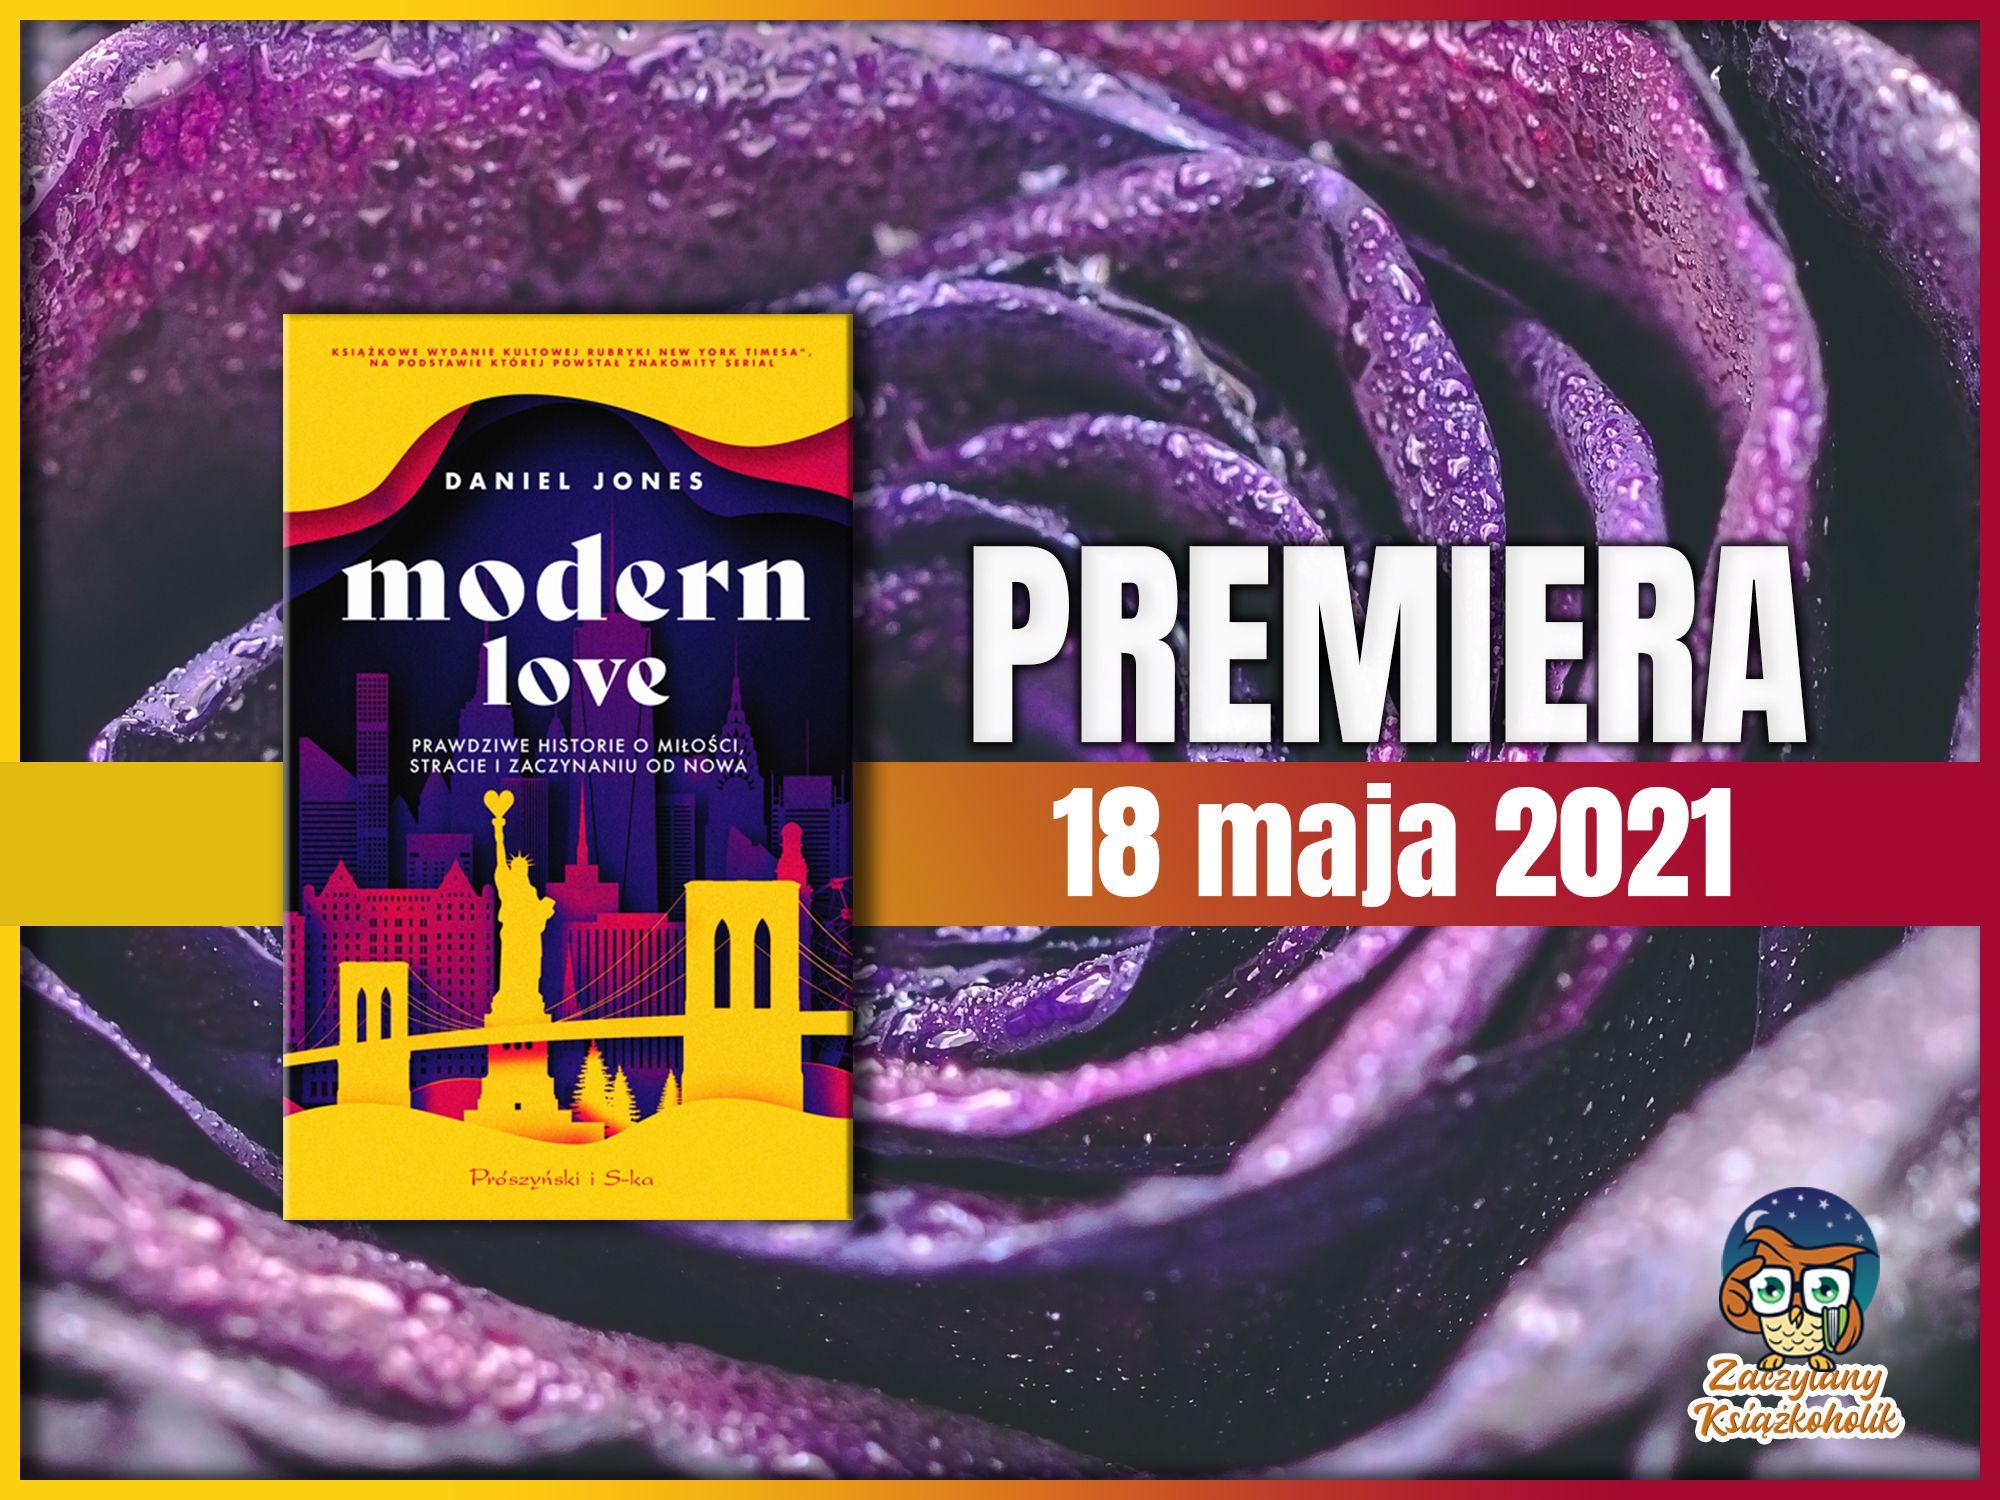 Modern Love. Prawdziwe historie o miłości, stracie i zaczynaniu od nowa, Daniel Jones